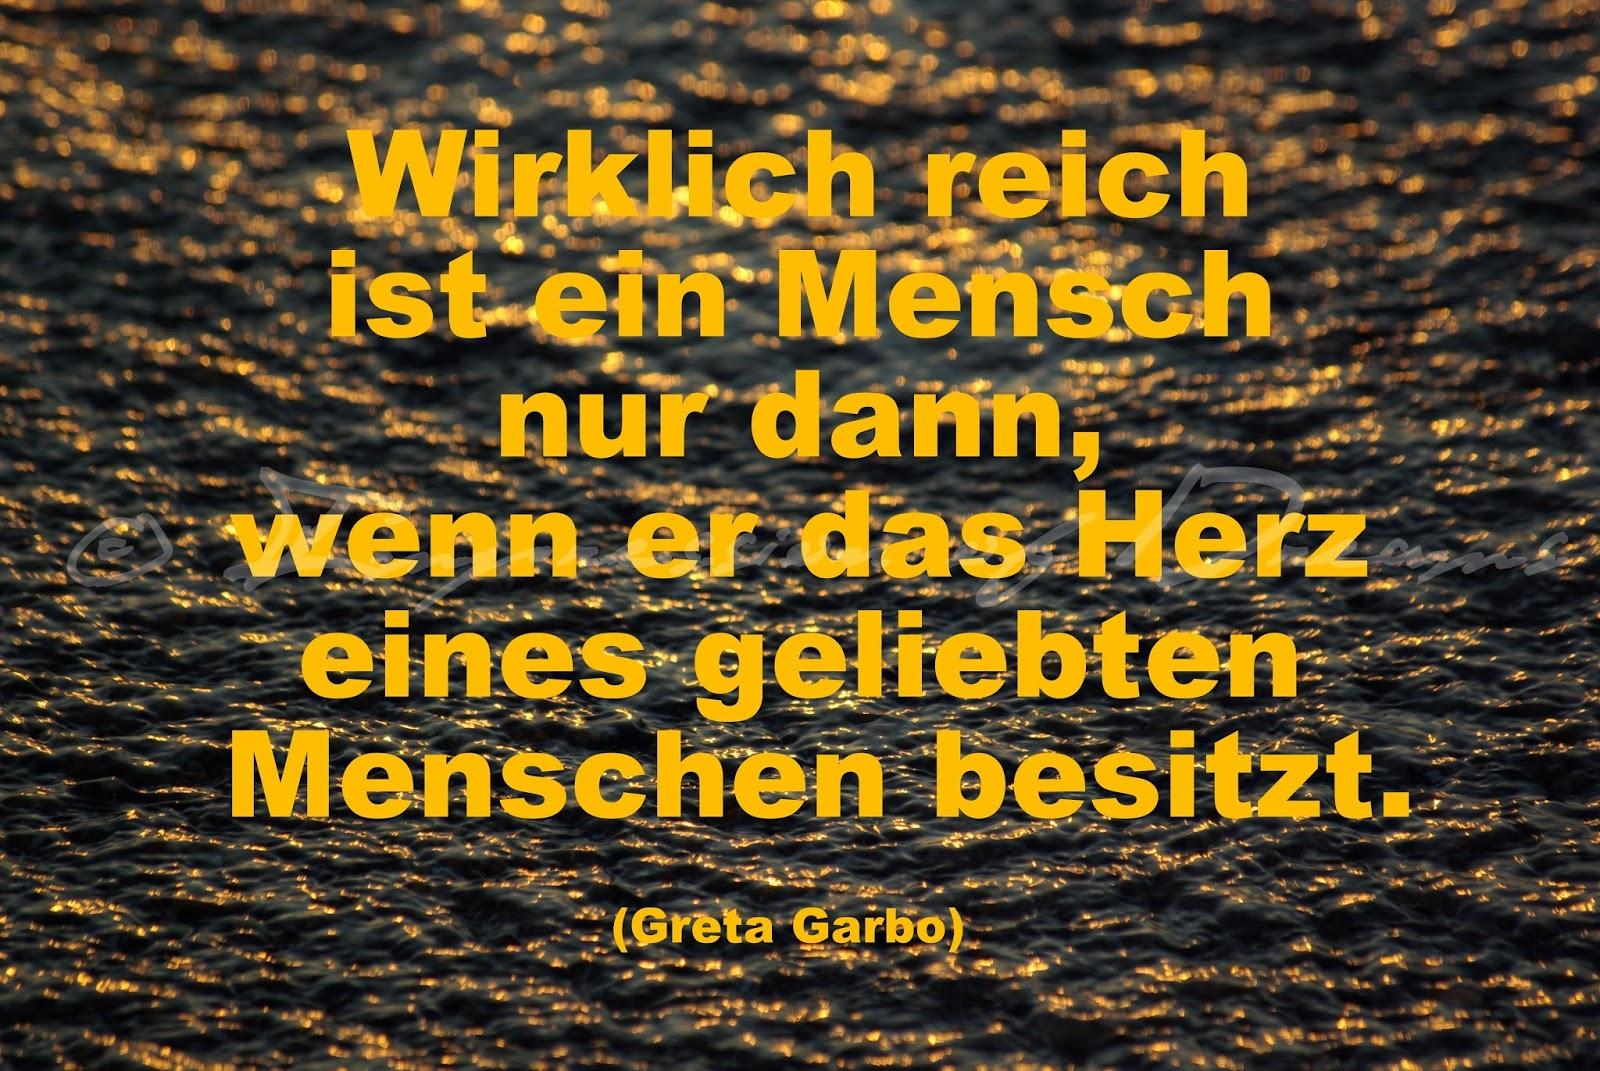 Spruch Zum 30 Sprüche Zum 30 Geburtstag 2019 11 04